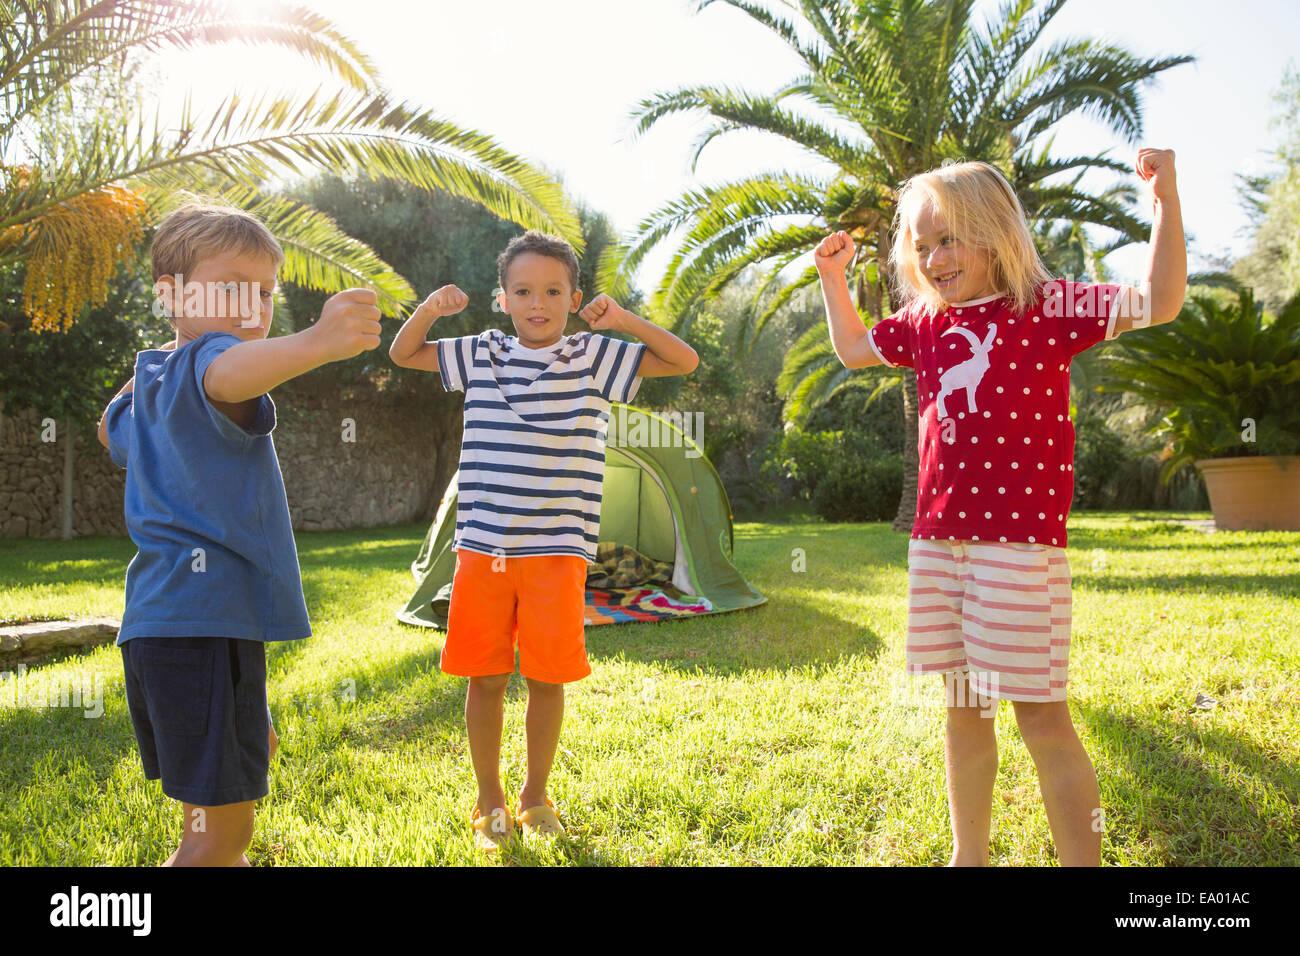 Three children in garden flexing muscles - Stock Image